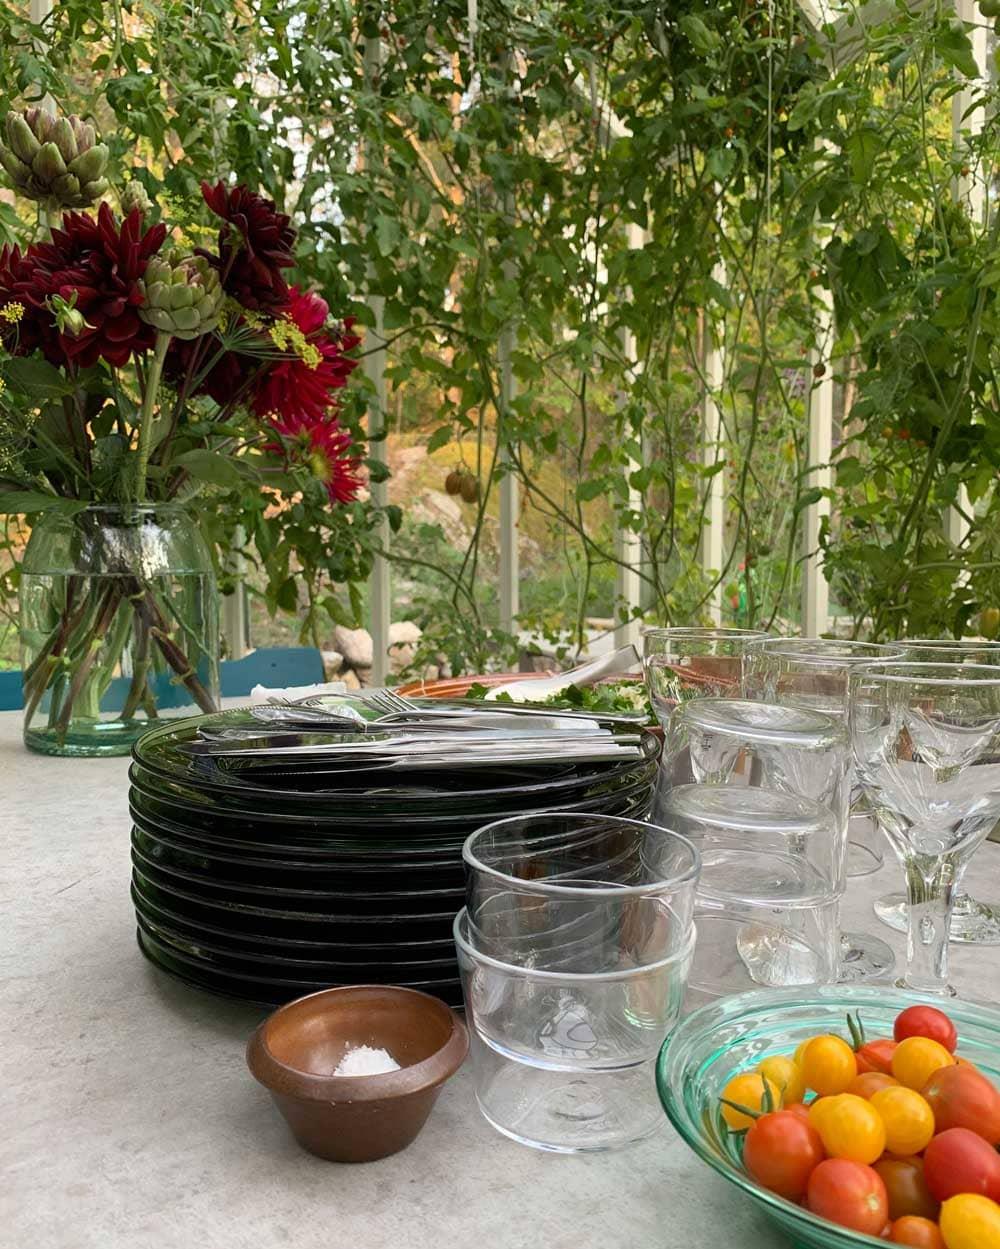 Middagsförberett festbord i växthus.